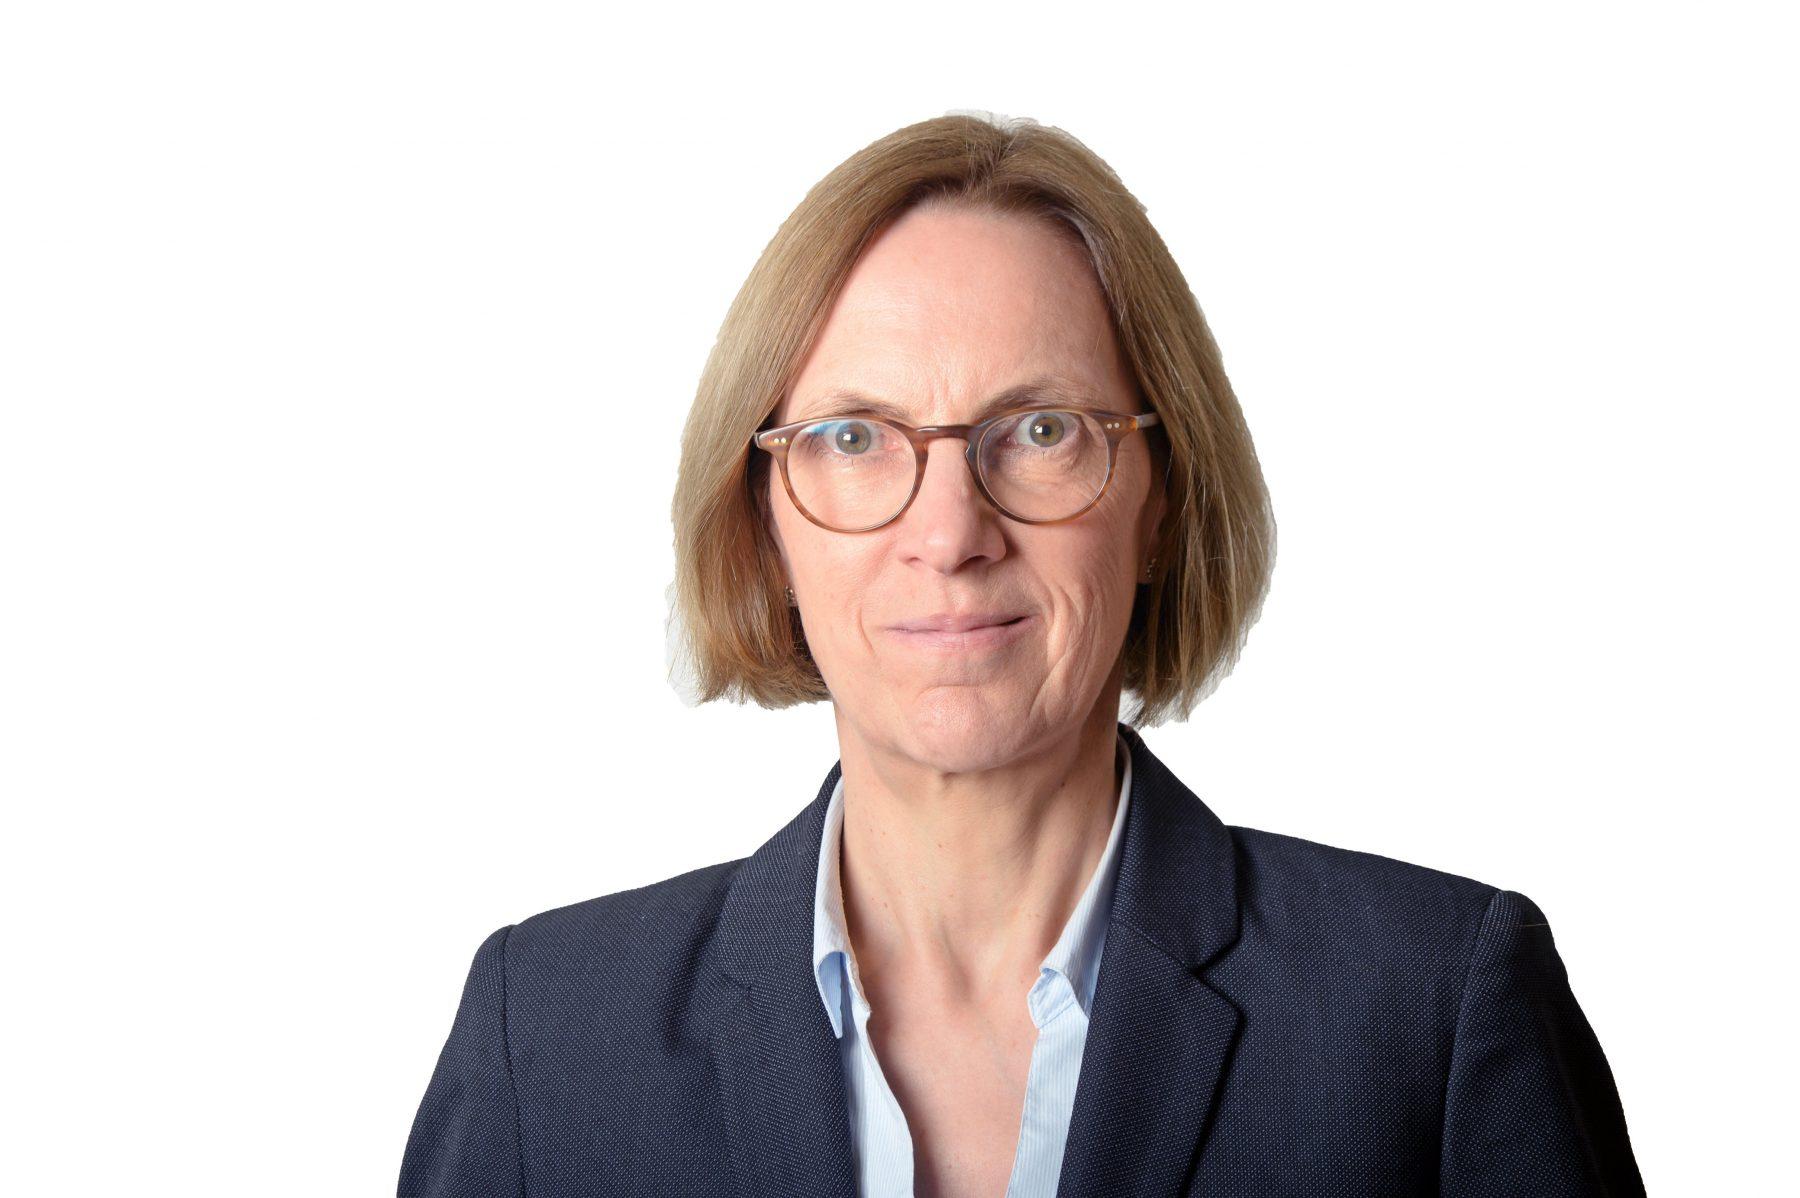 """Die Politikerin Dr. Carola Ensslen gilt als Spitzenkandidatin der Partei """"Die Linke"""" im Wahlkreis Harvestehude - Rotherbaum - Eimsbüttel Ost. Foto: Die Linke Eimsbüttel"""